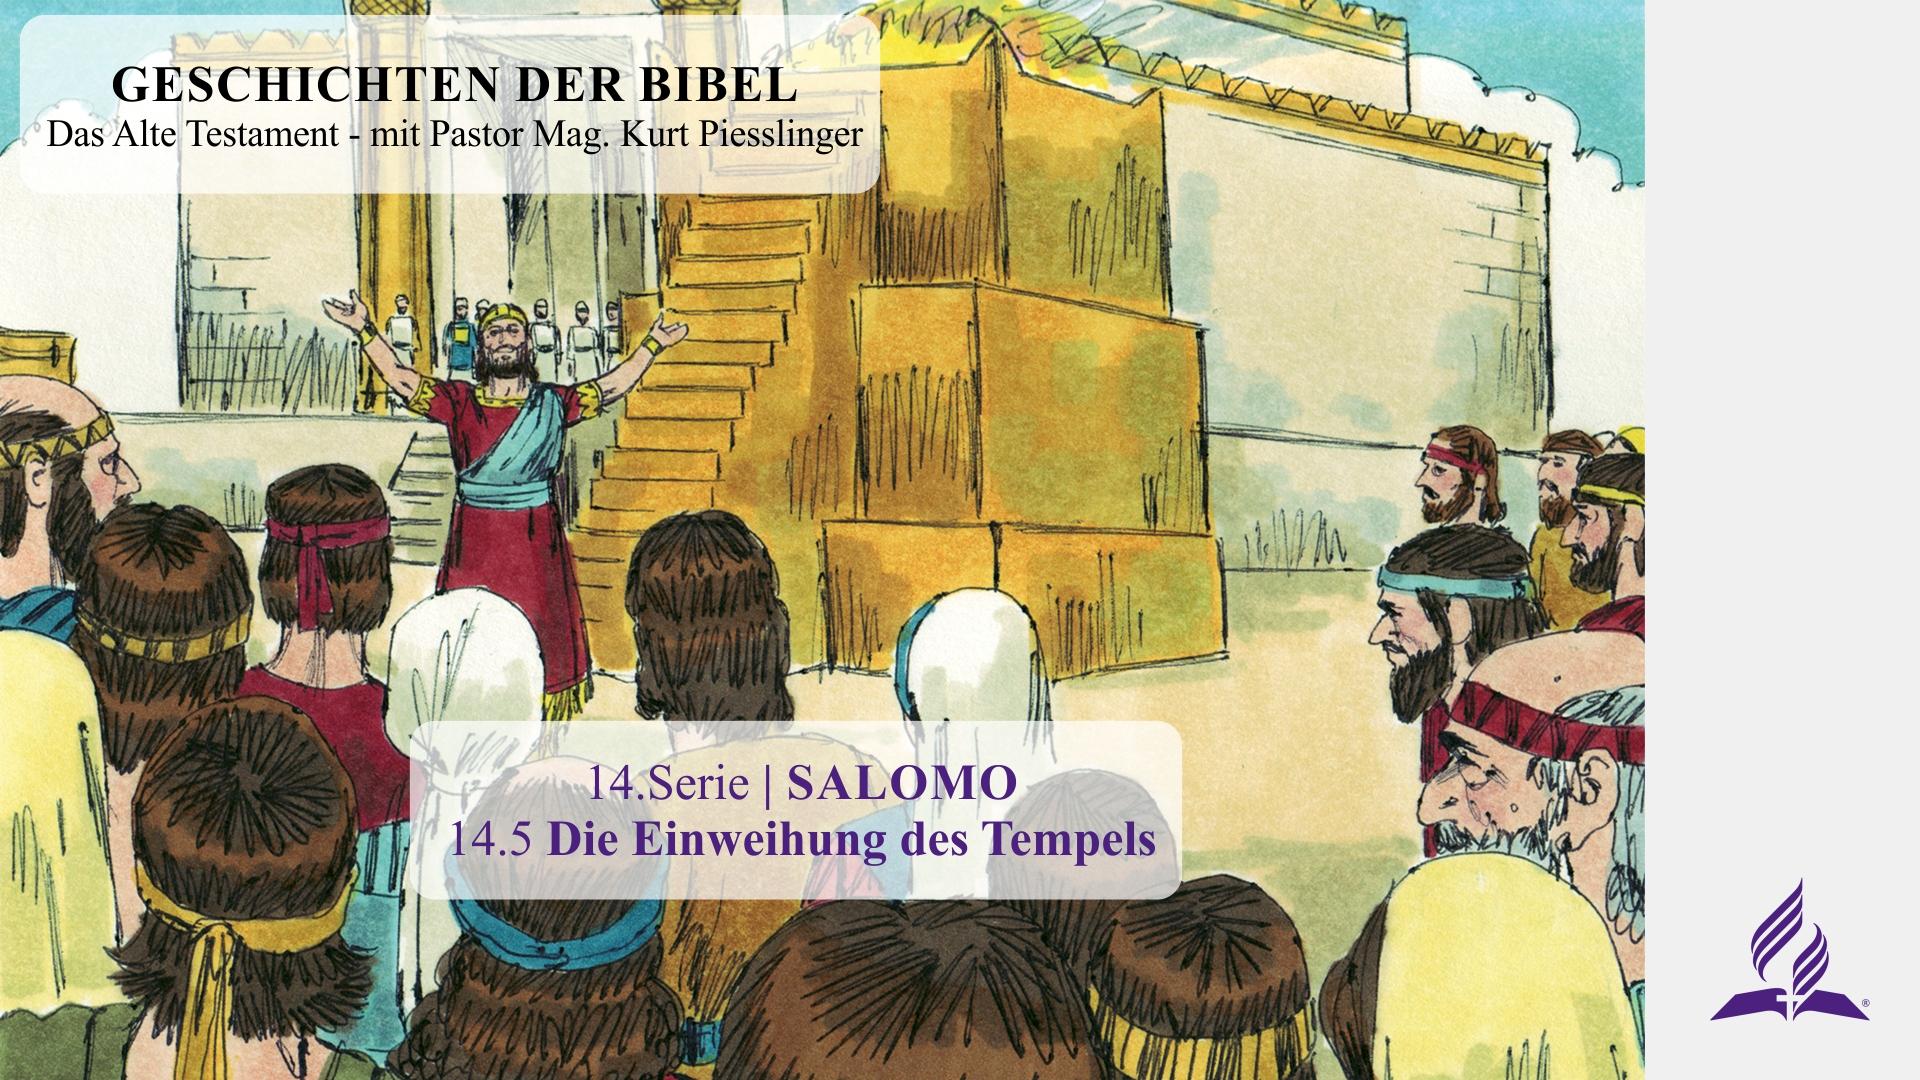 GESCHICHTEN DER BIBEL: 14.5 Die Einweihung des Tempels – 14.SALOMO | Pastor Mag. Kurt Piesslinger